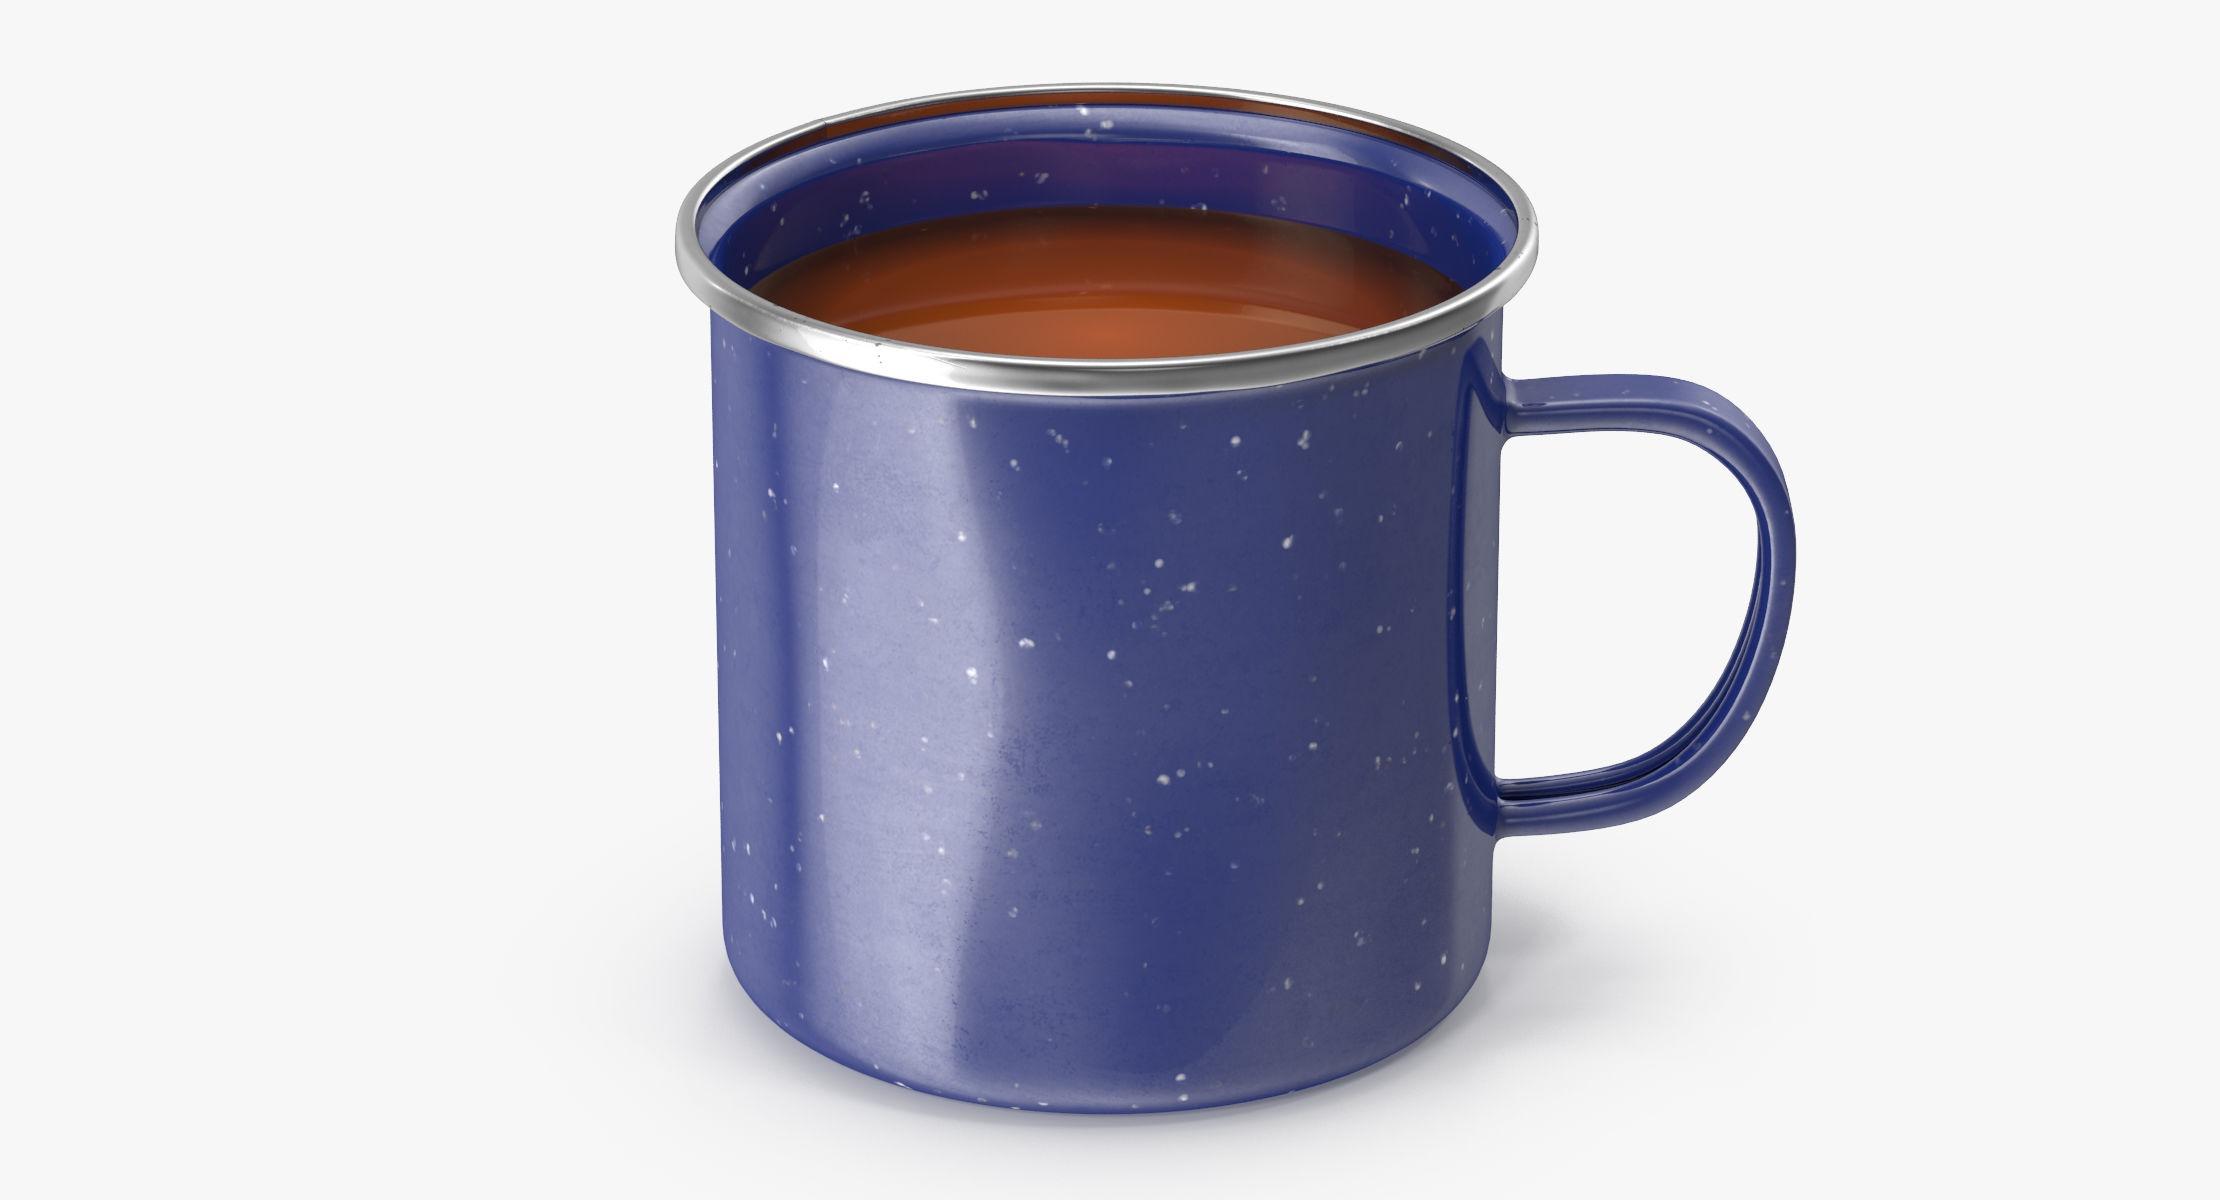 Tea Cup - reel 1